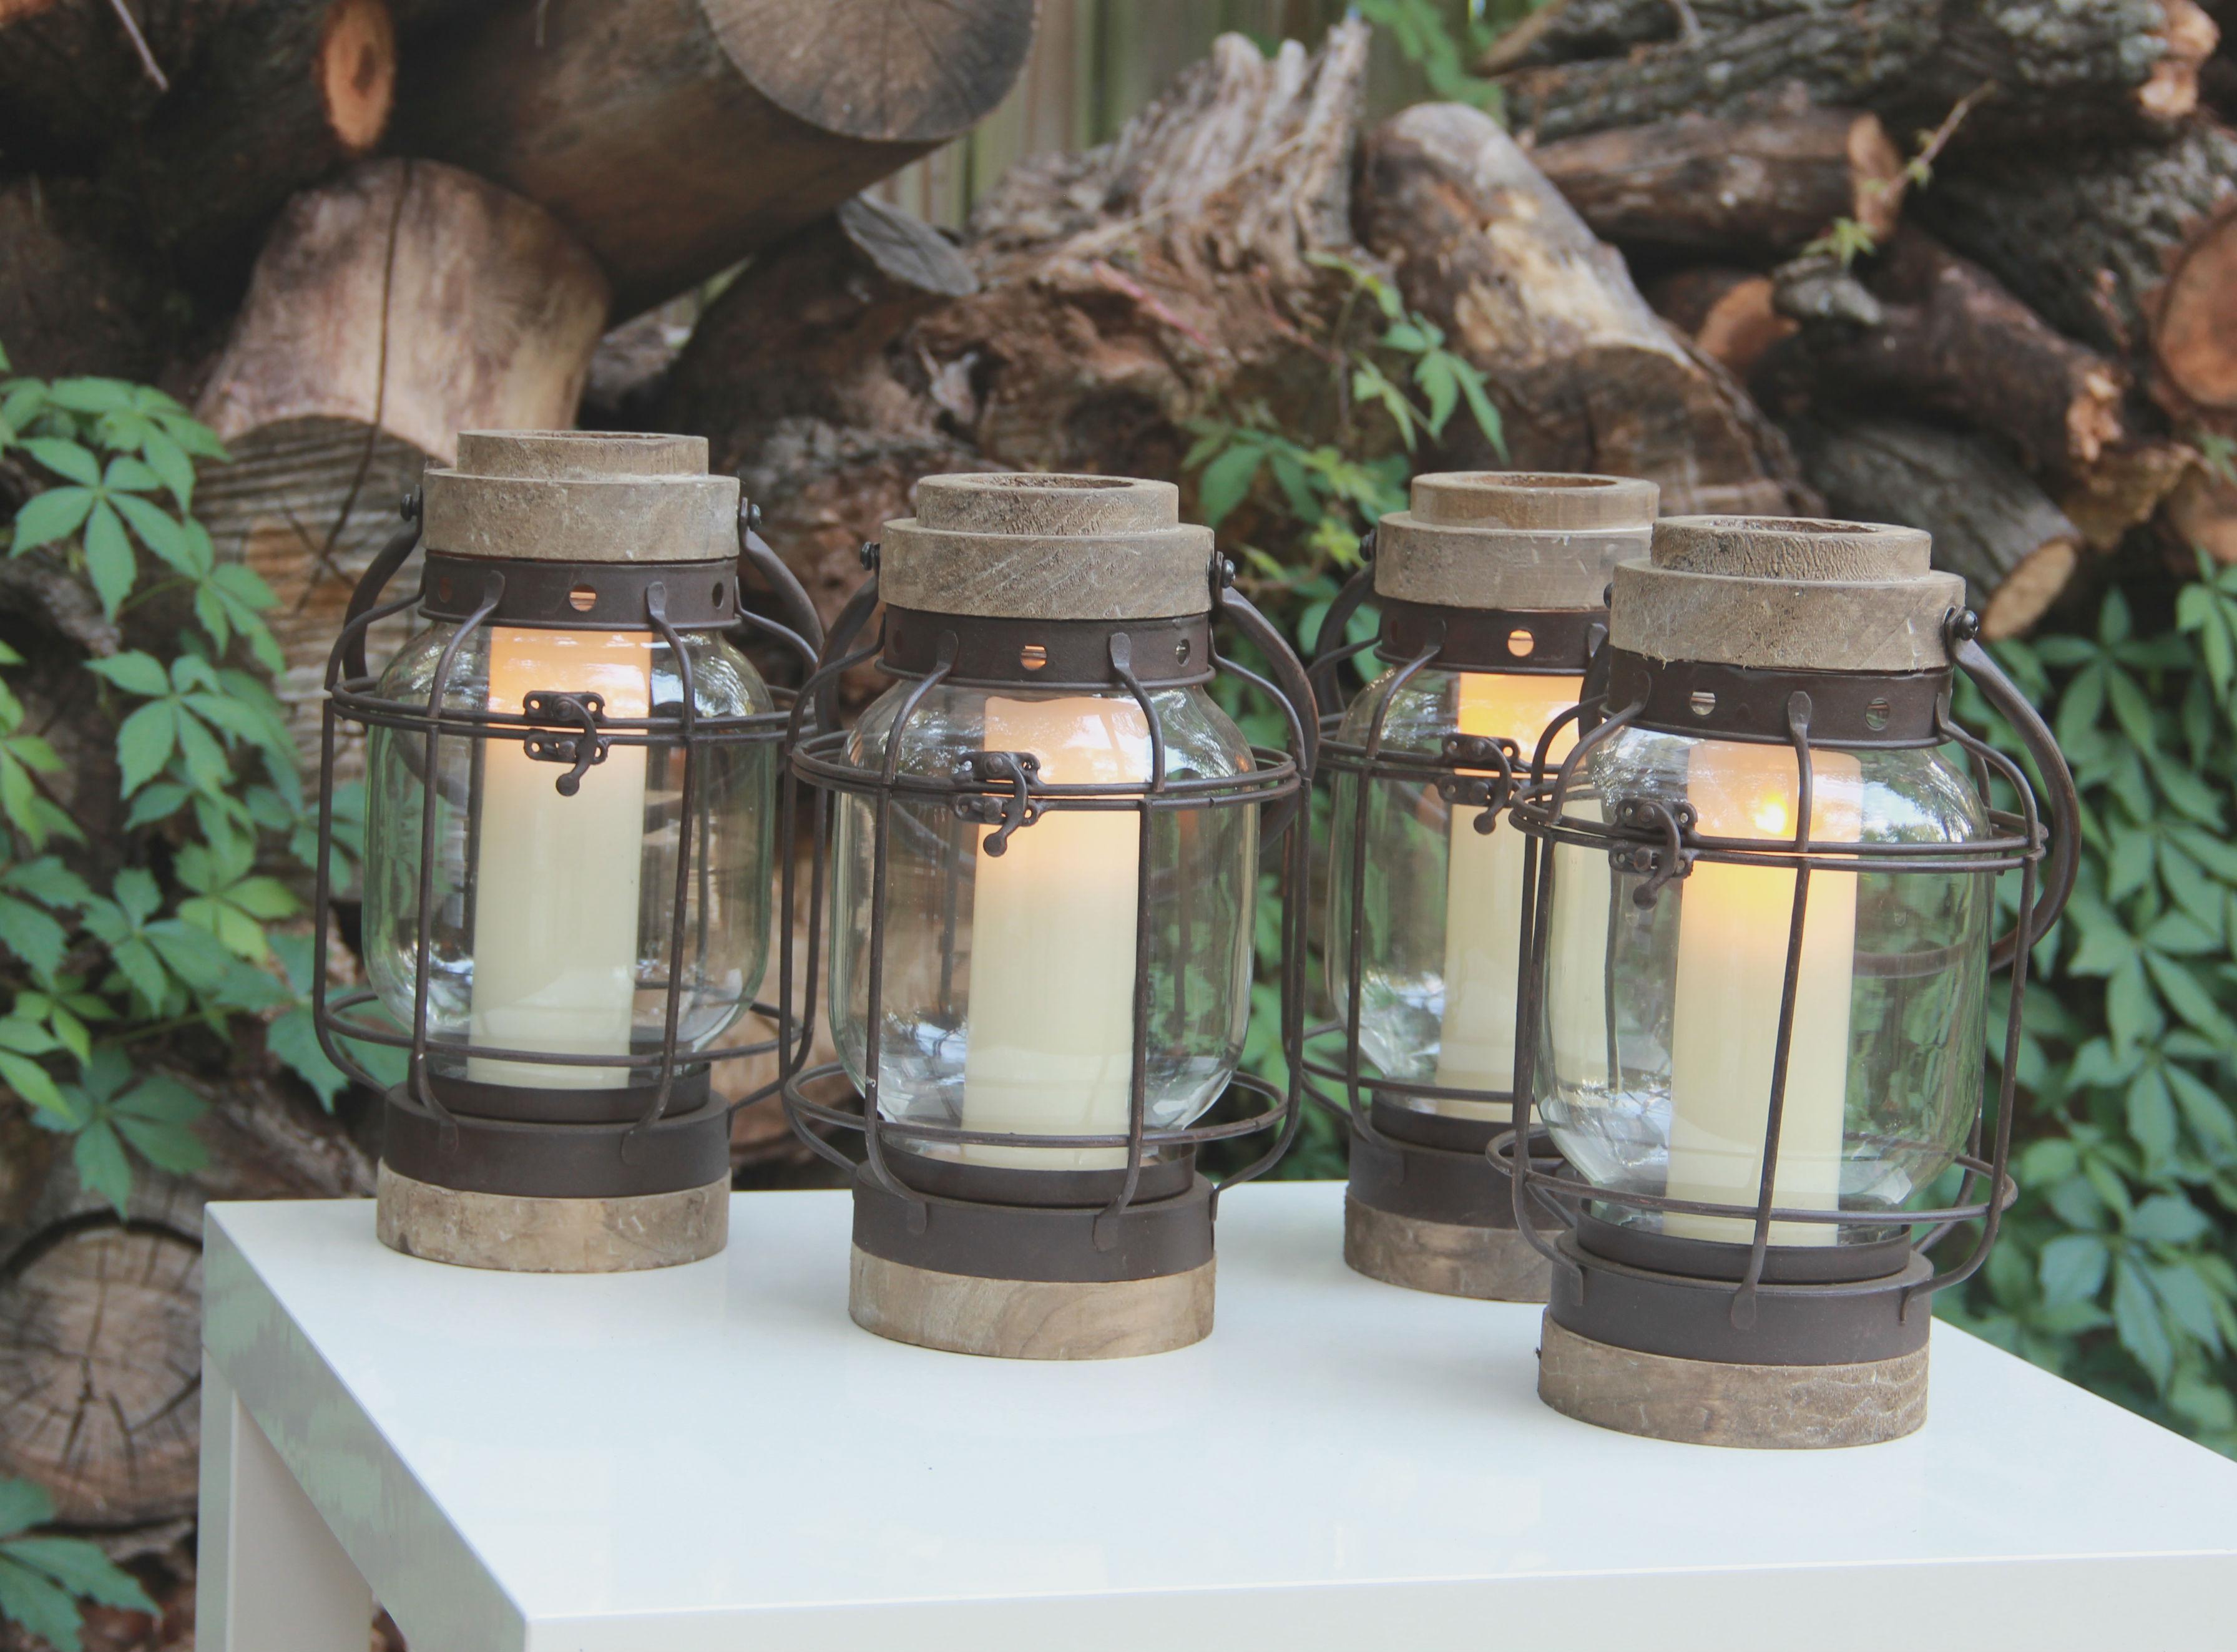 Cage Lanterns